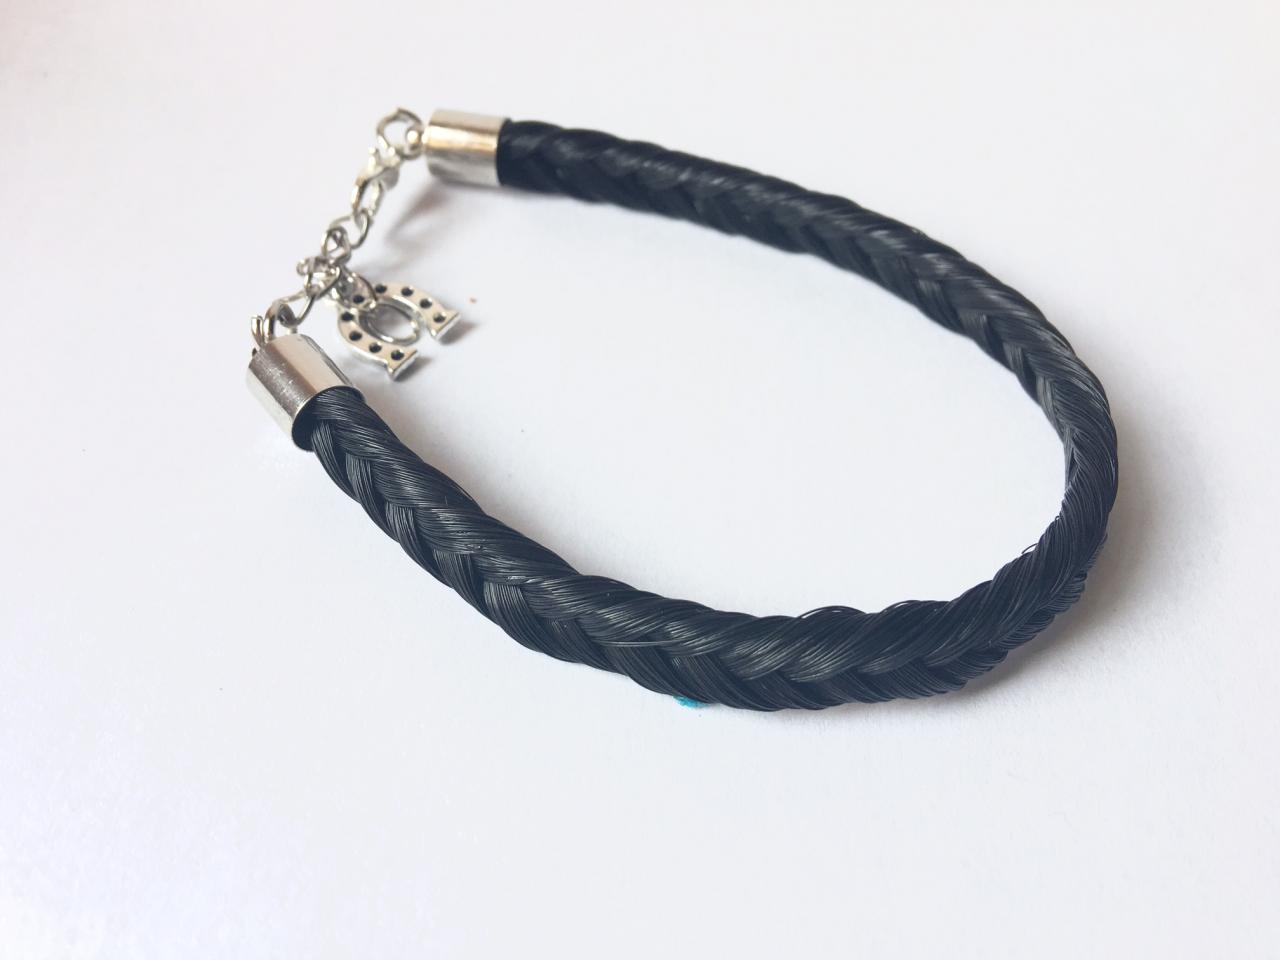 Bracelet en crins de cheval noir